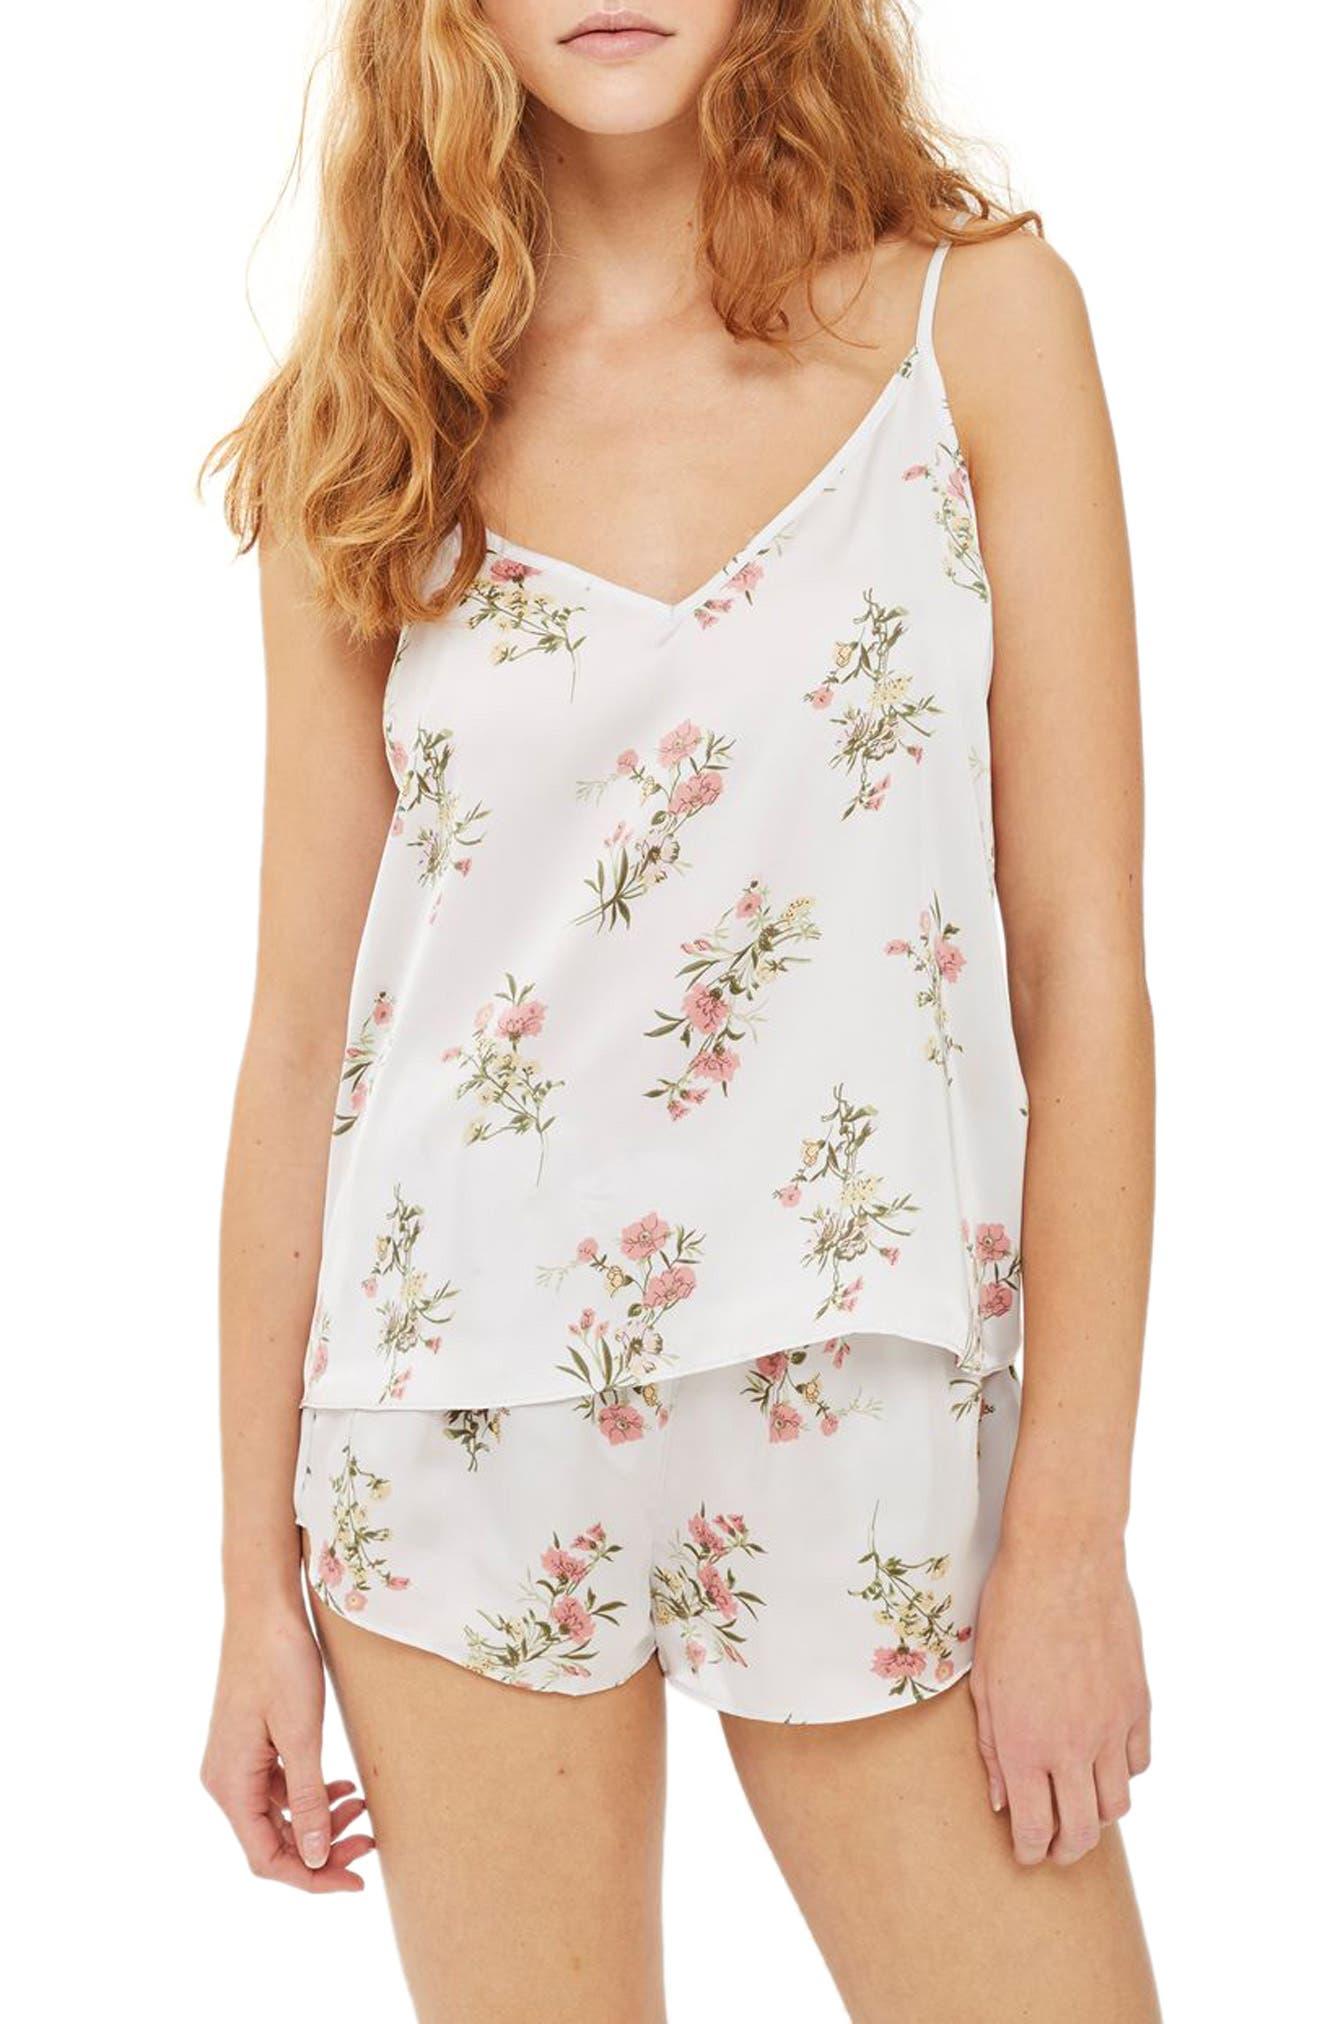 Topshop Garden Flower Camisole & Short Pajamas